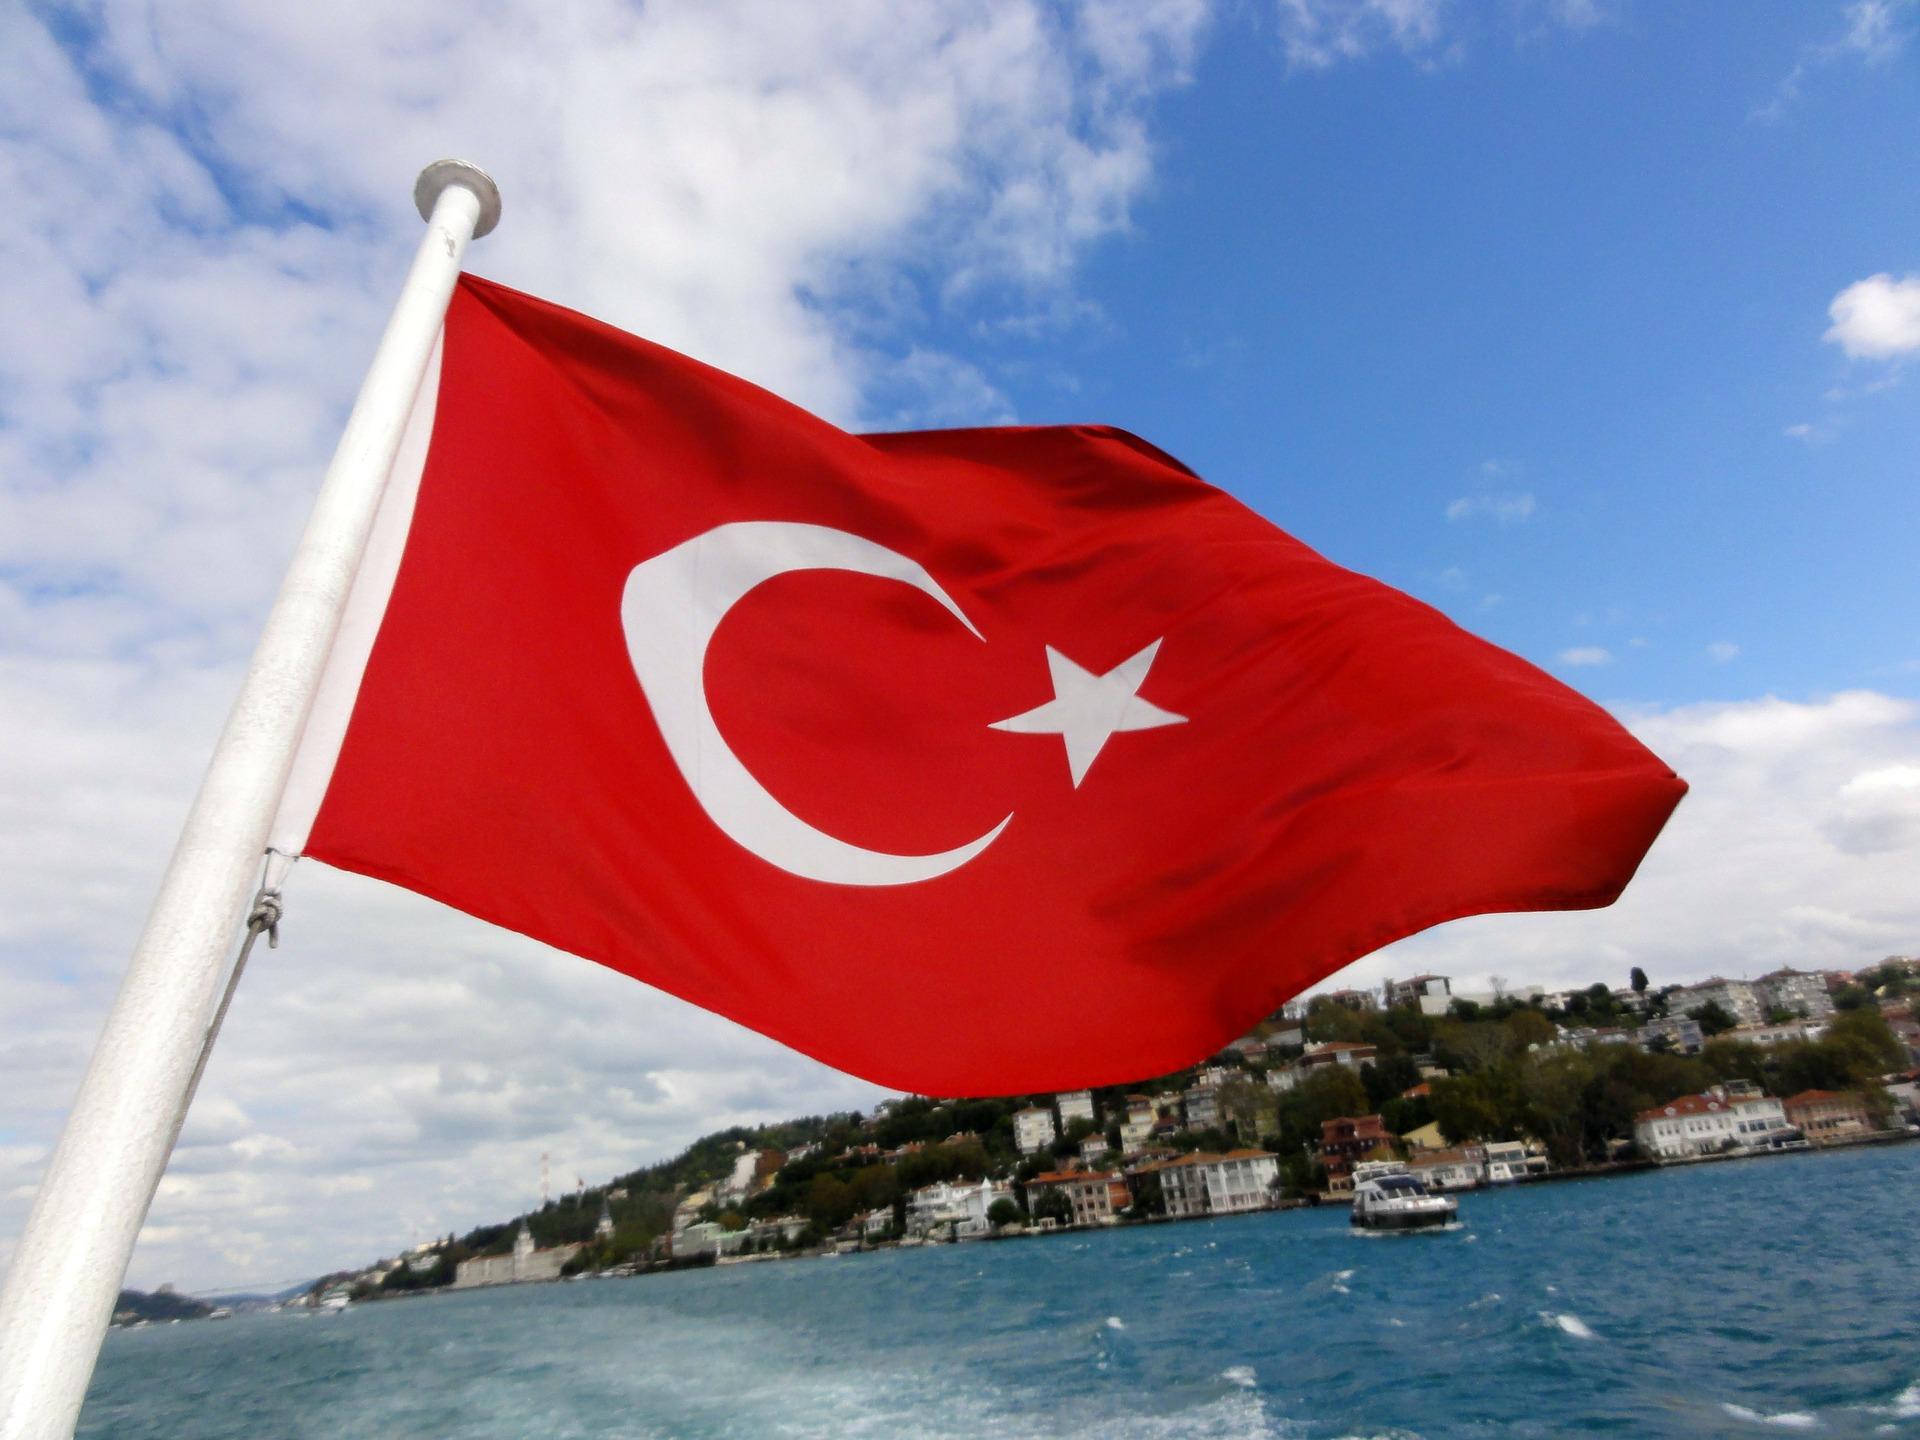 «Интурист» начнет отправлять первых туристов в Турцию 22 июня